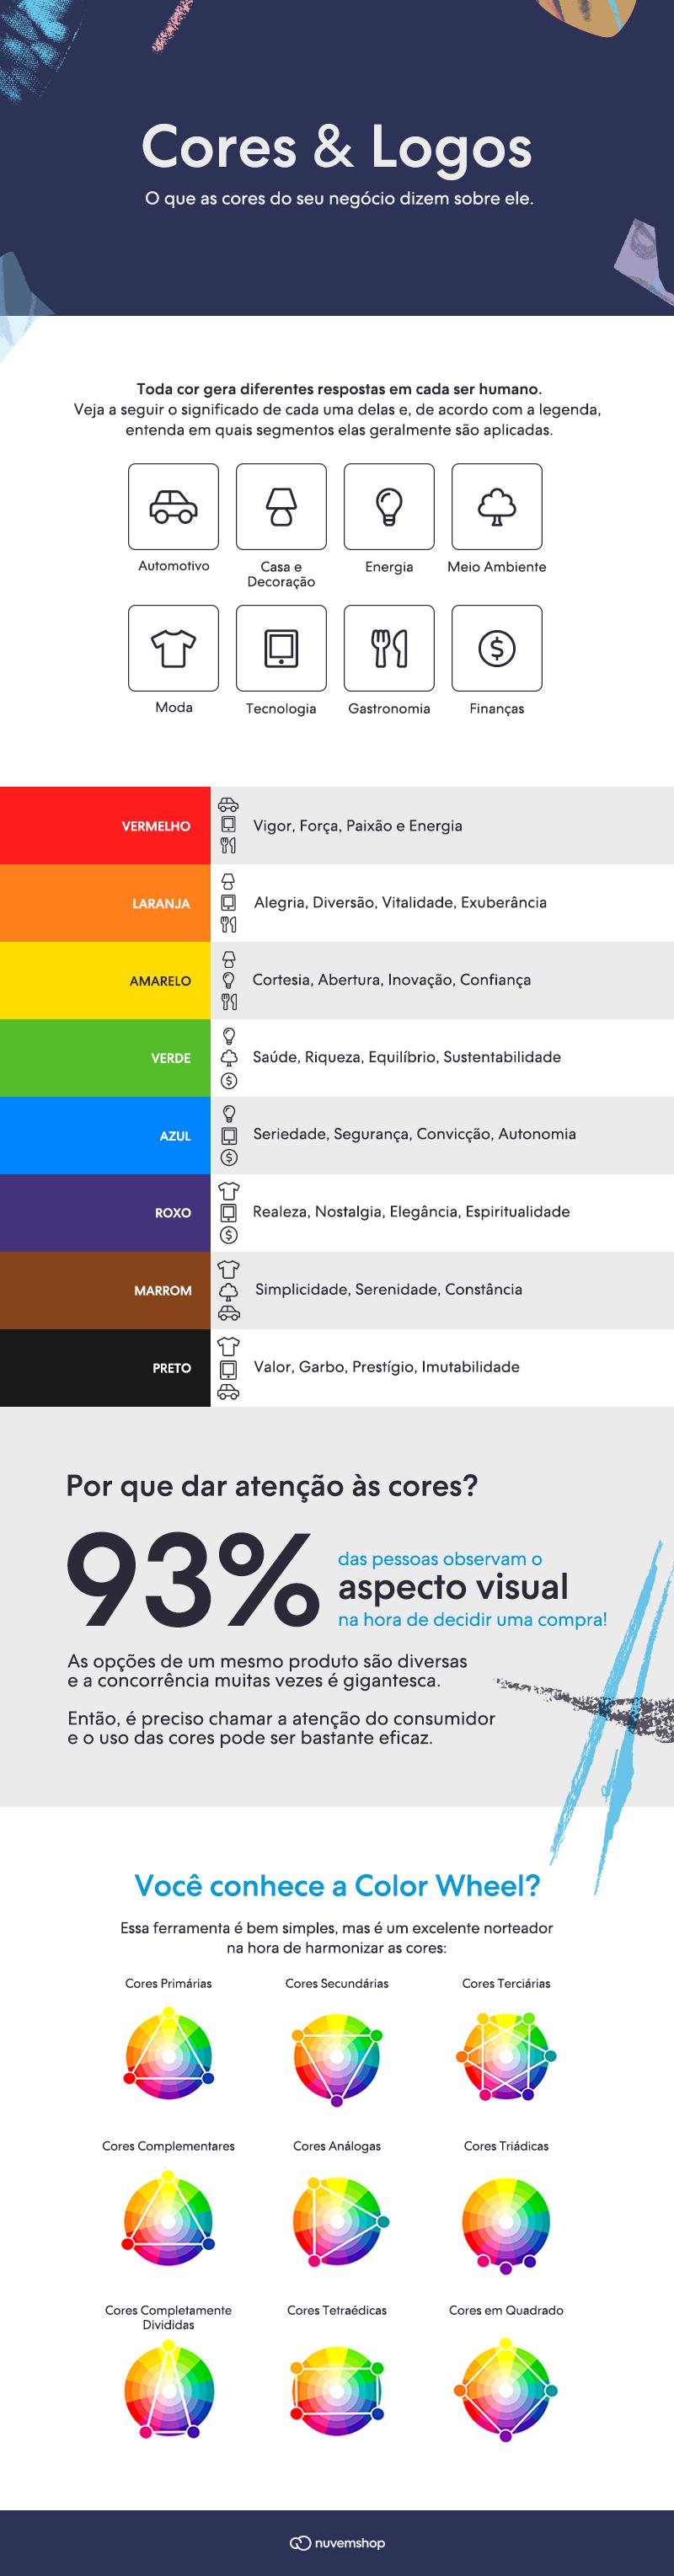 Infográfico com informações sobre cores e como criar um logotipo